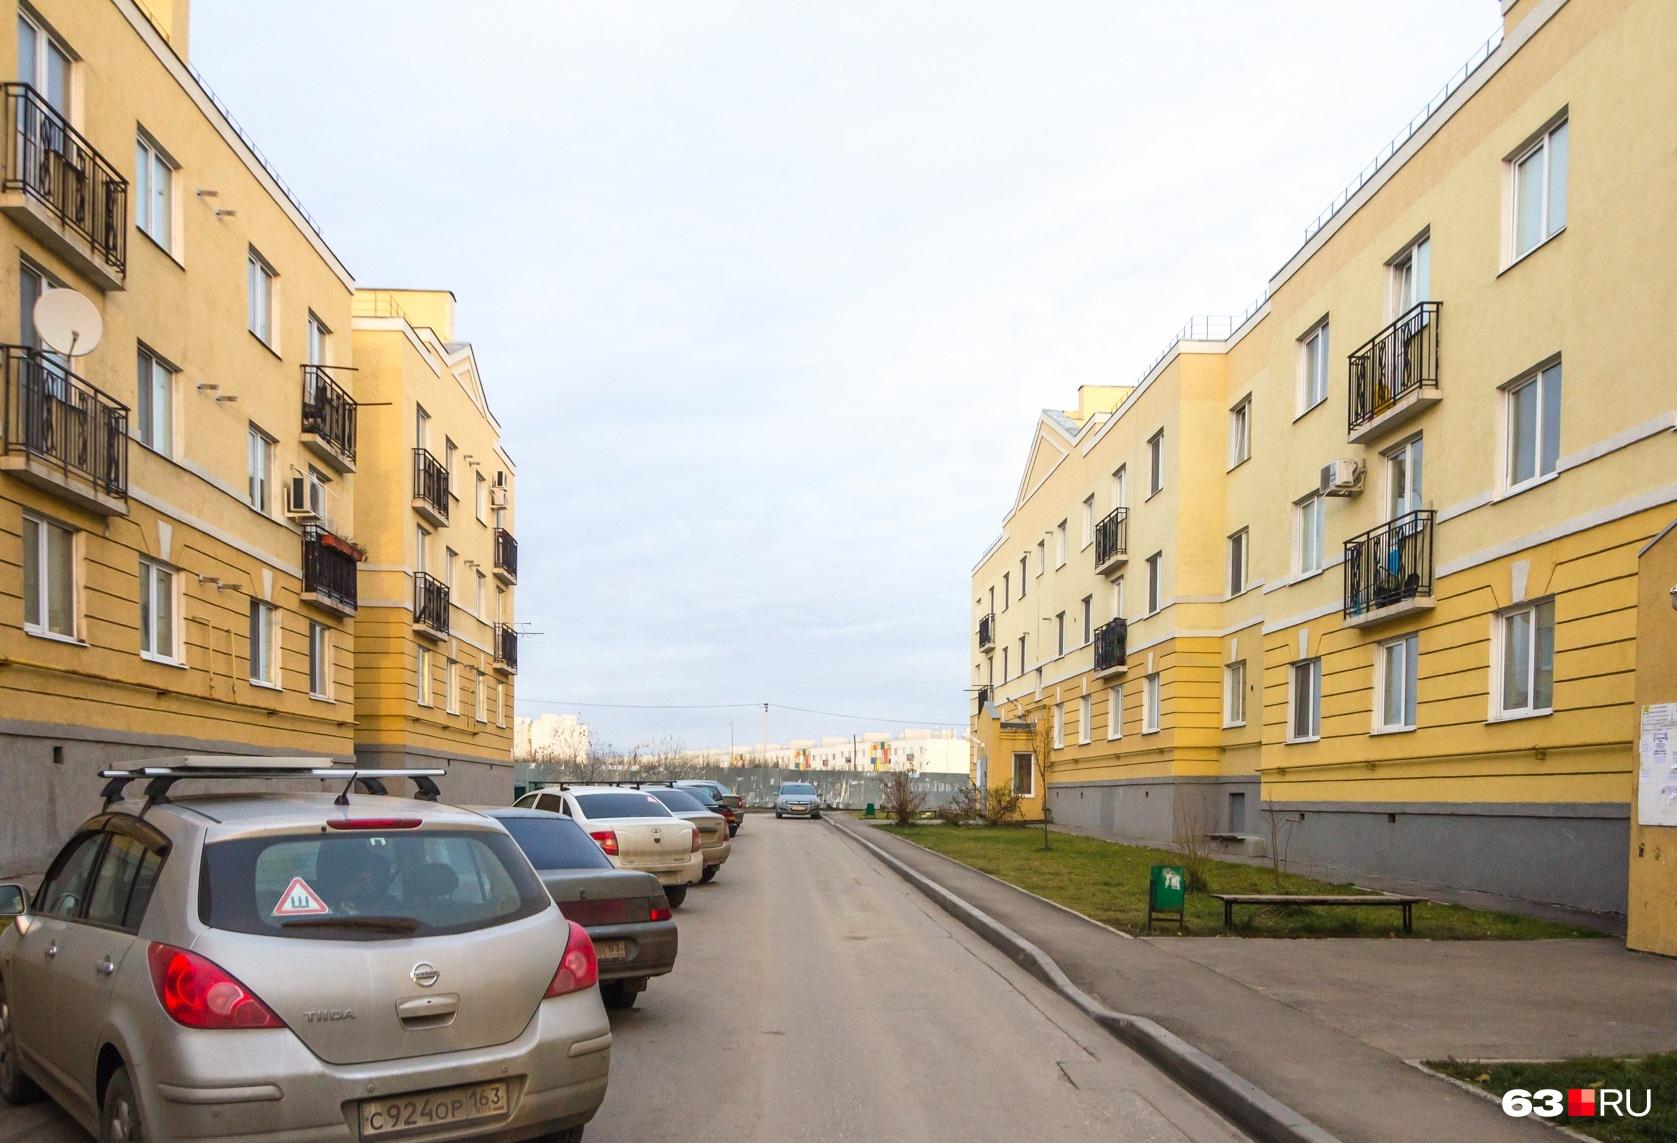 Архитектор считает, что застройка окраин дорого обходится Самаре